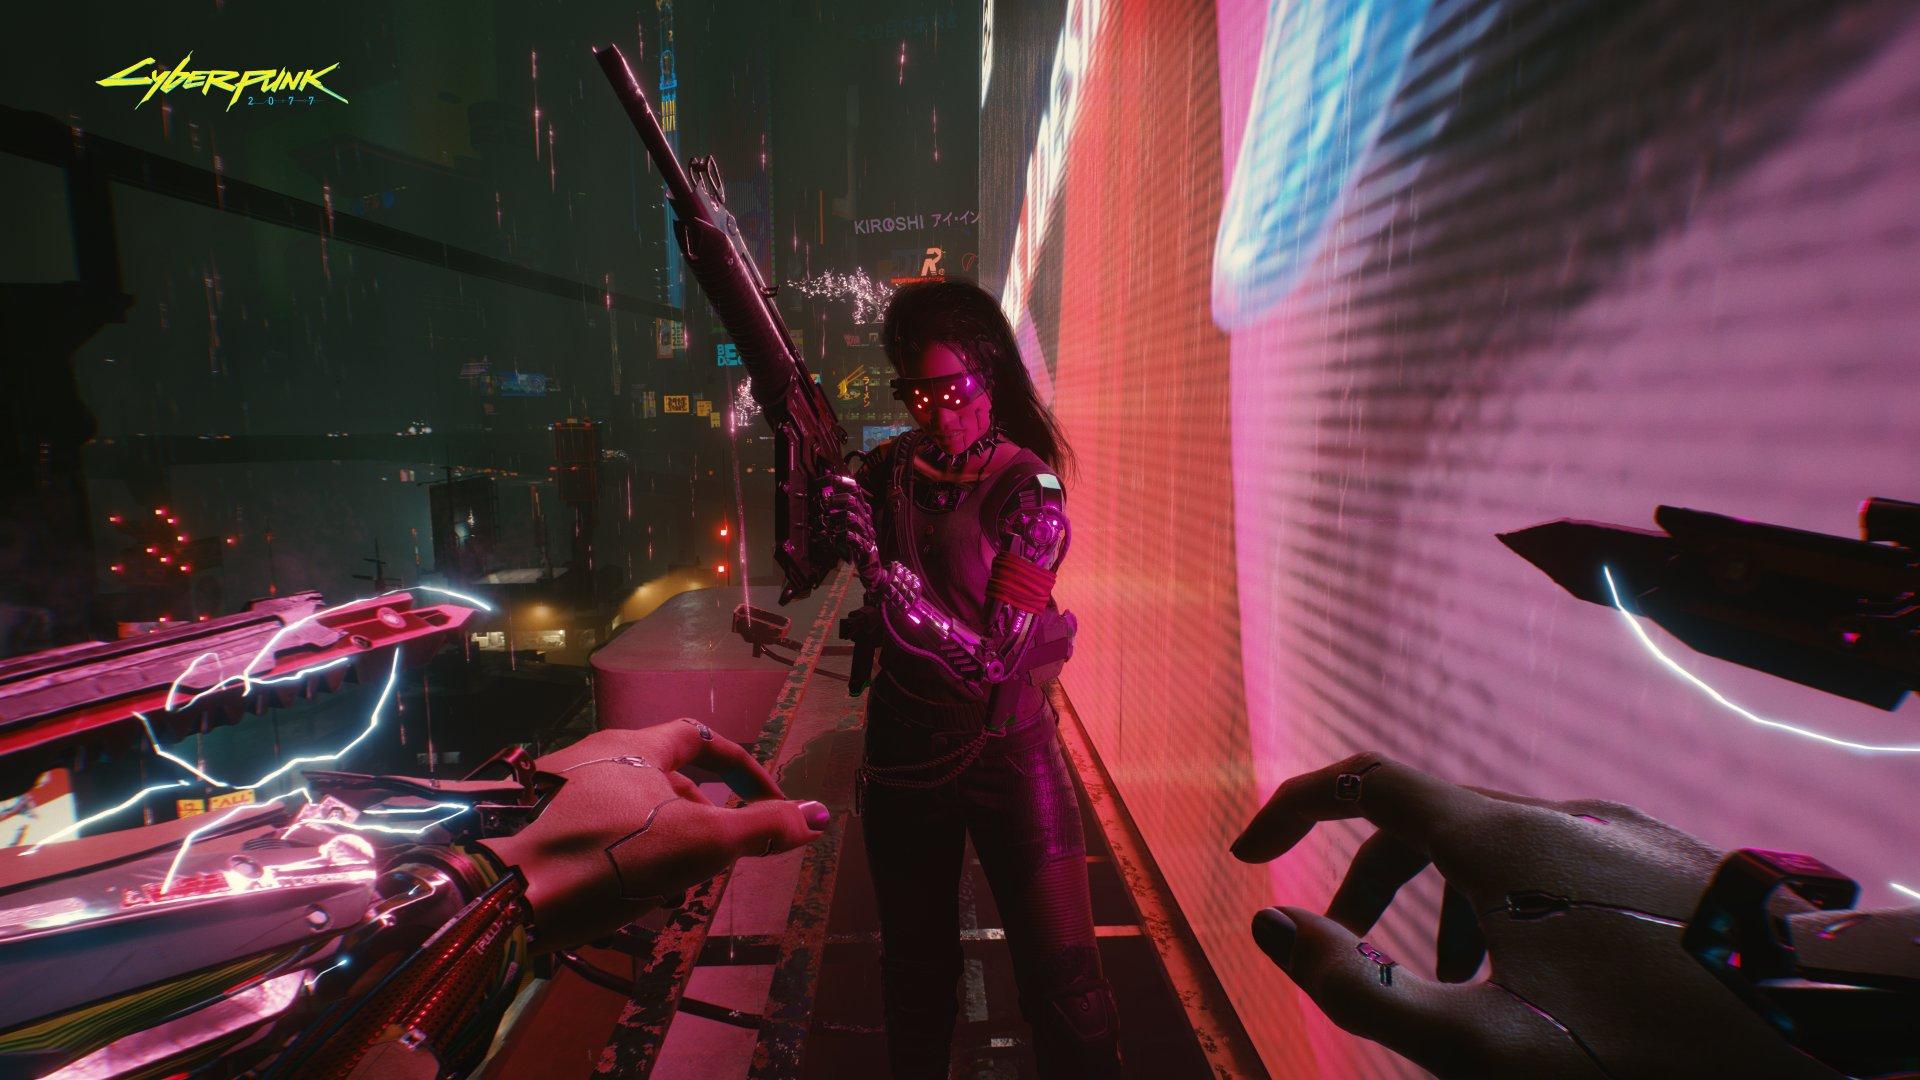 Cyberpunk2077_Power_in_your_hands_RGB-en.jpg